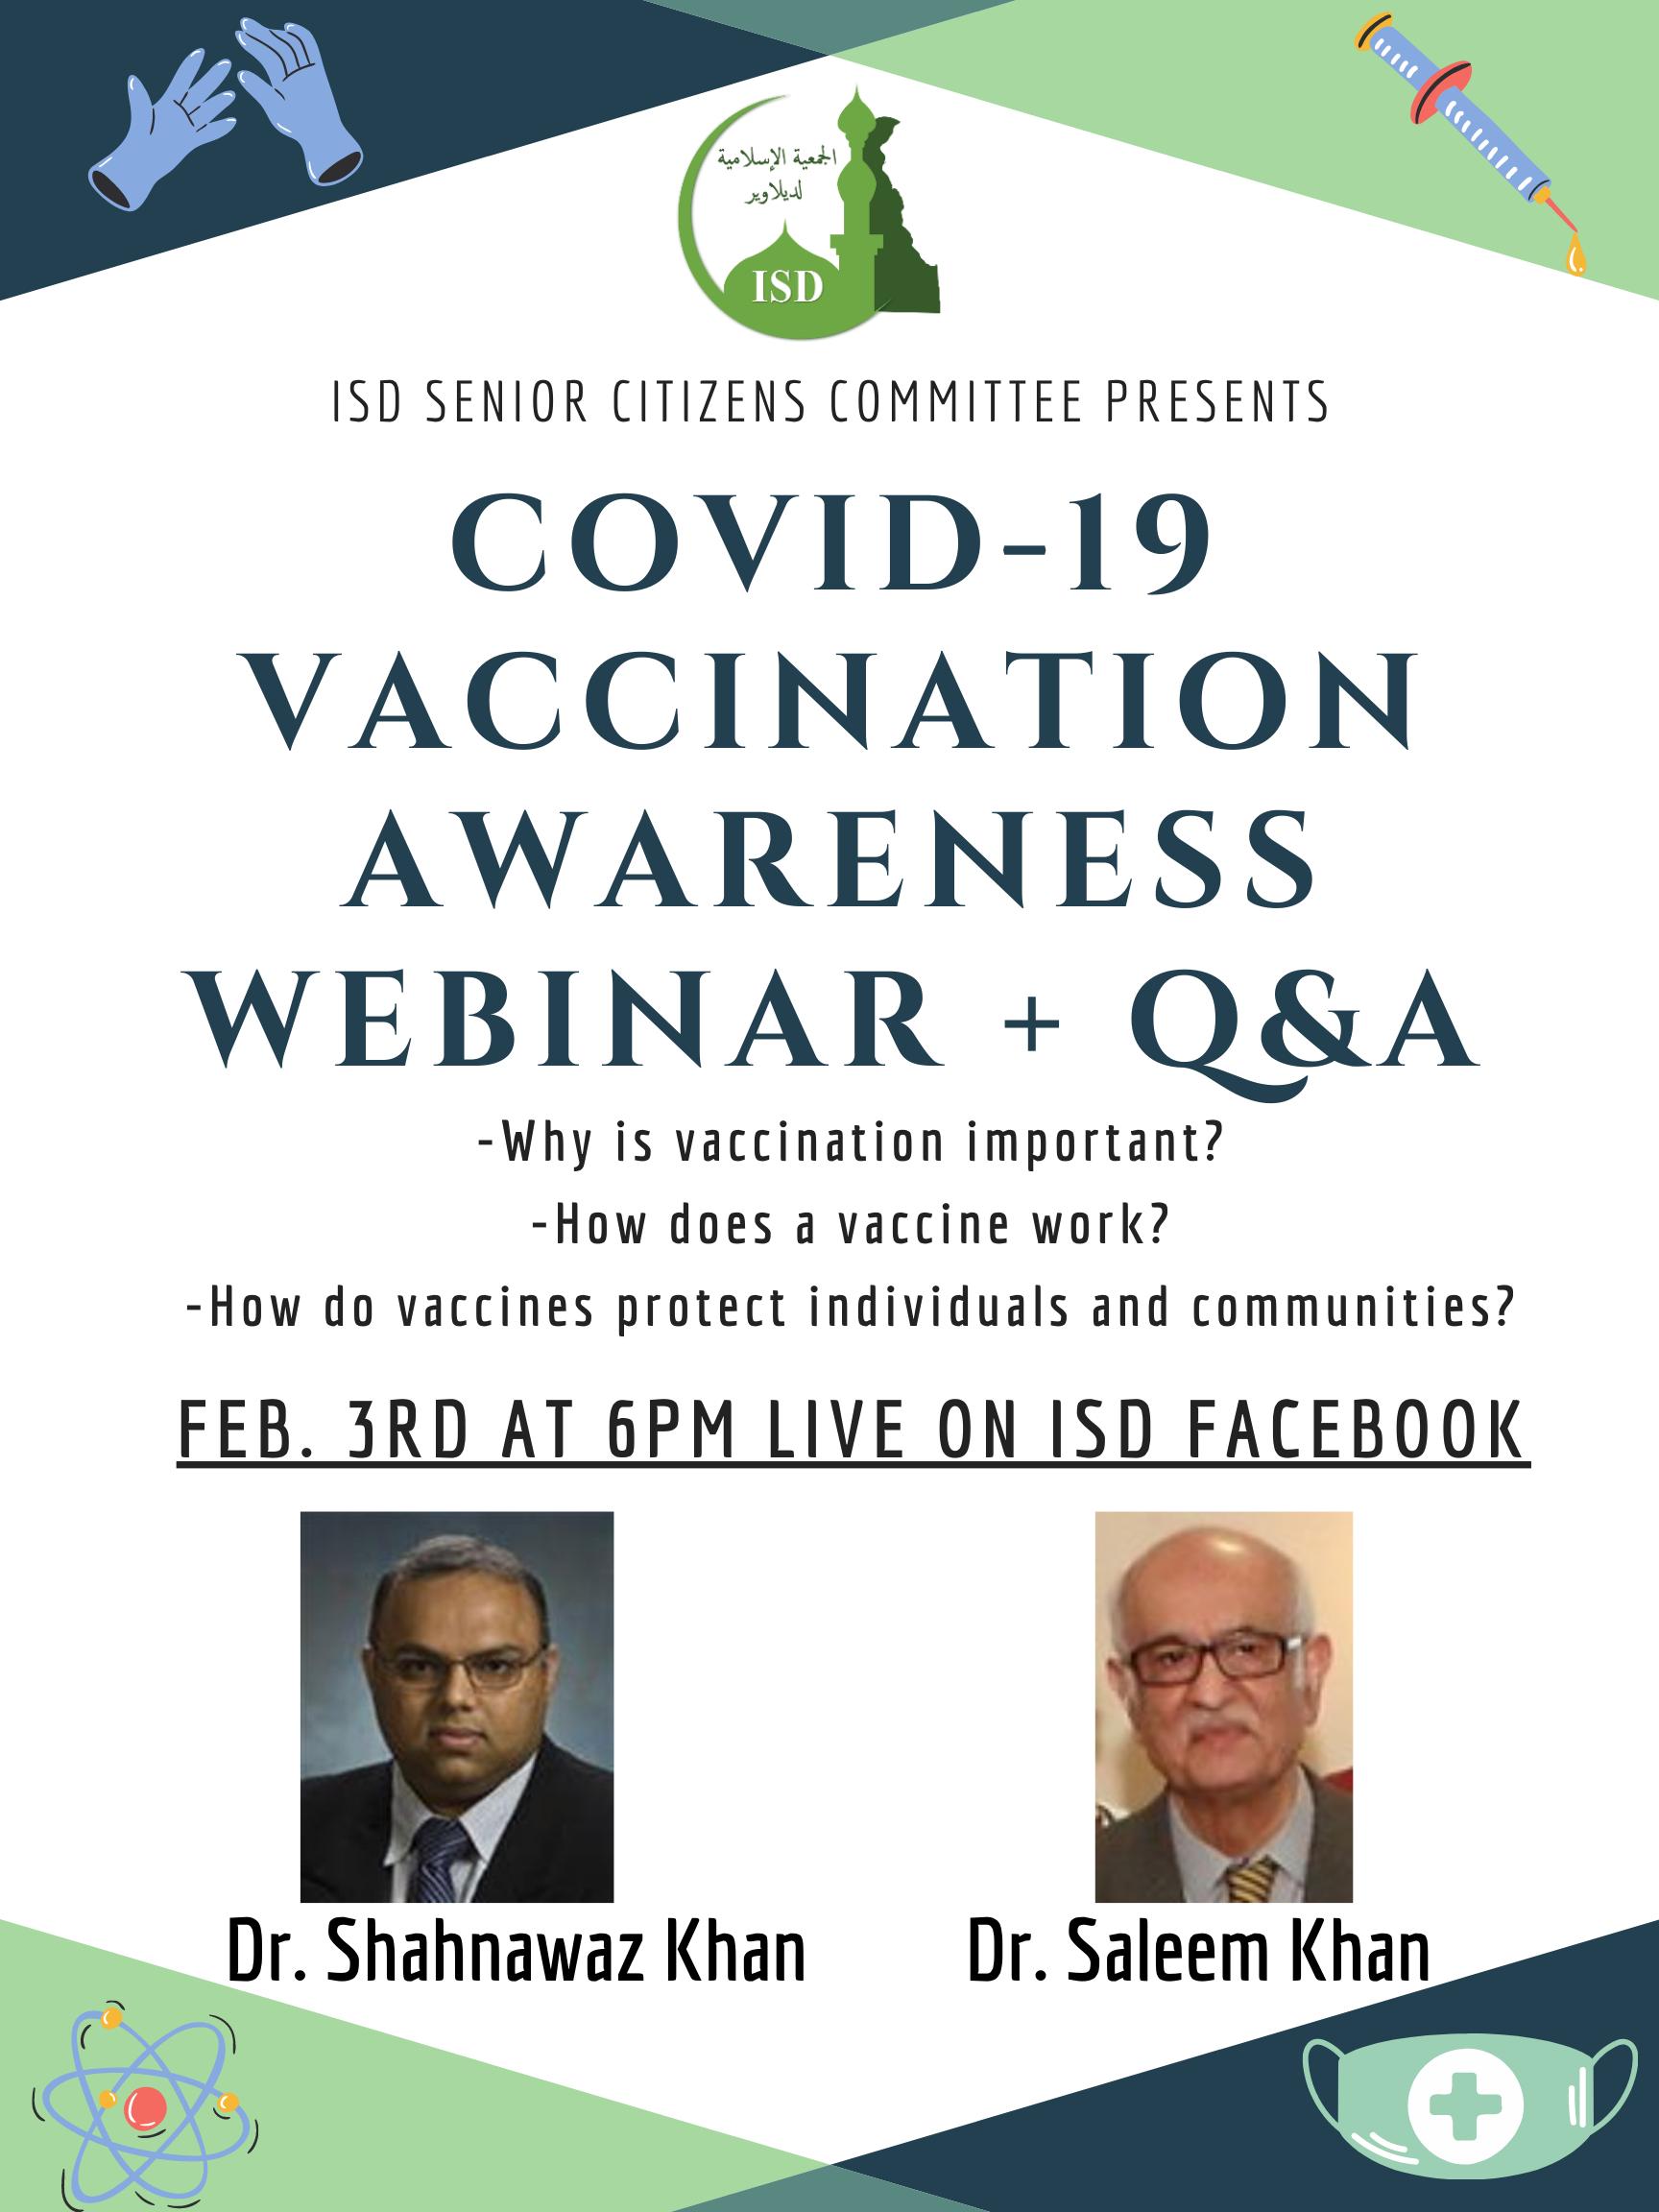 COVID-19 Vaccination Awareness Webinar + Q&A